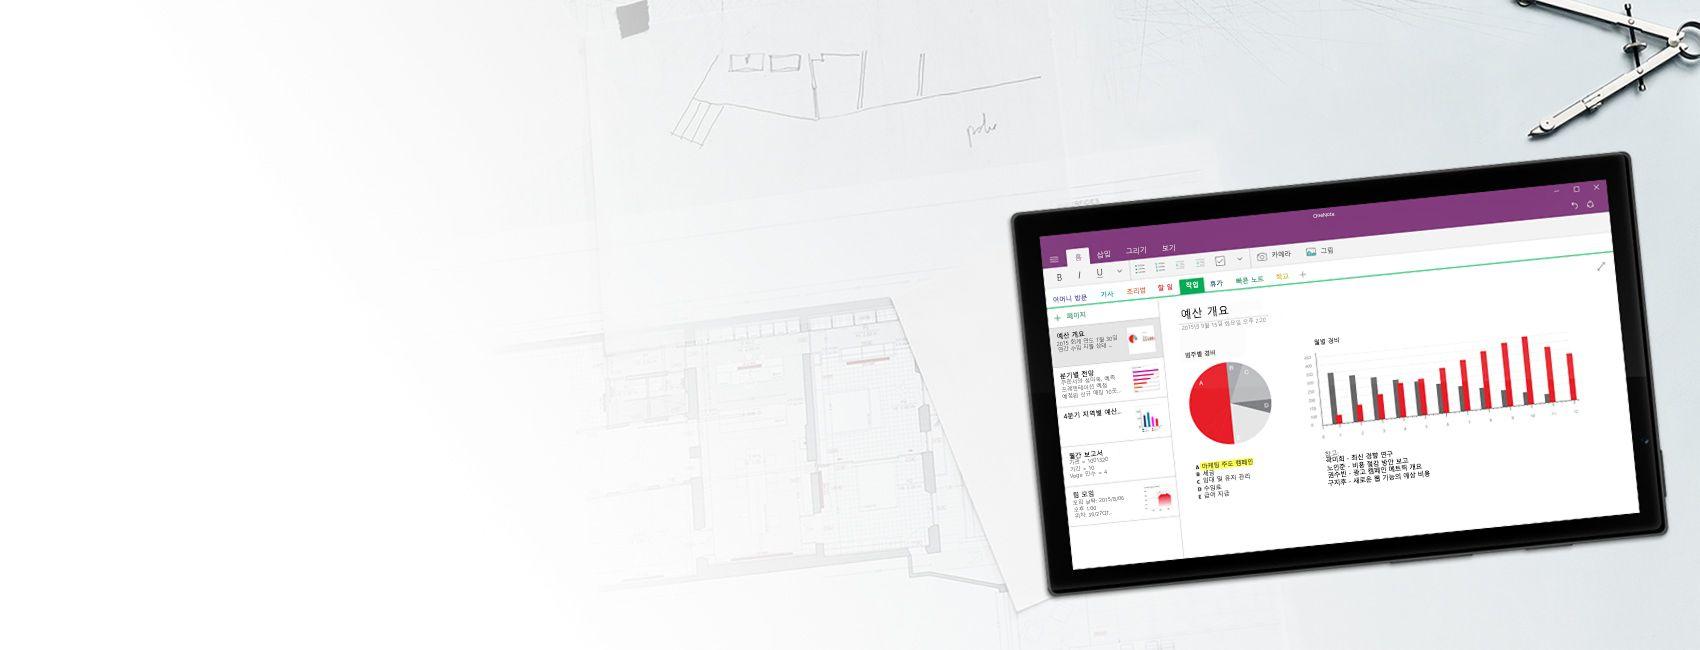 예산 개요 차트 및 그래프가 포함된 OneNote 전자 필기장이 표시된 Windows 태블릿